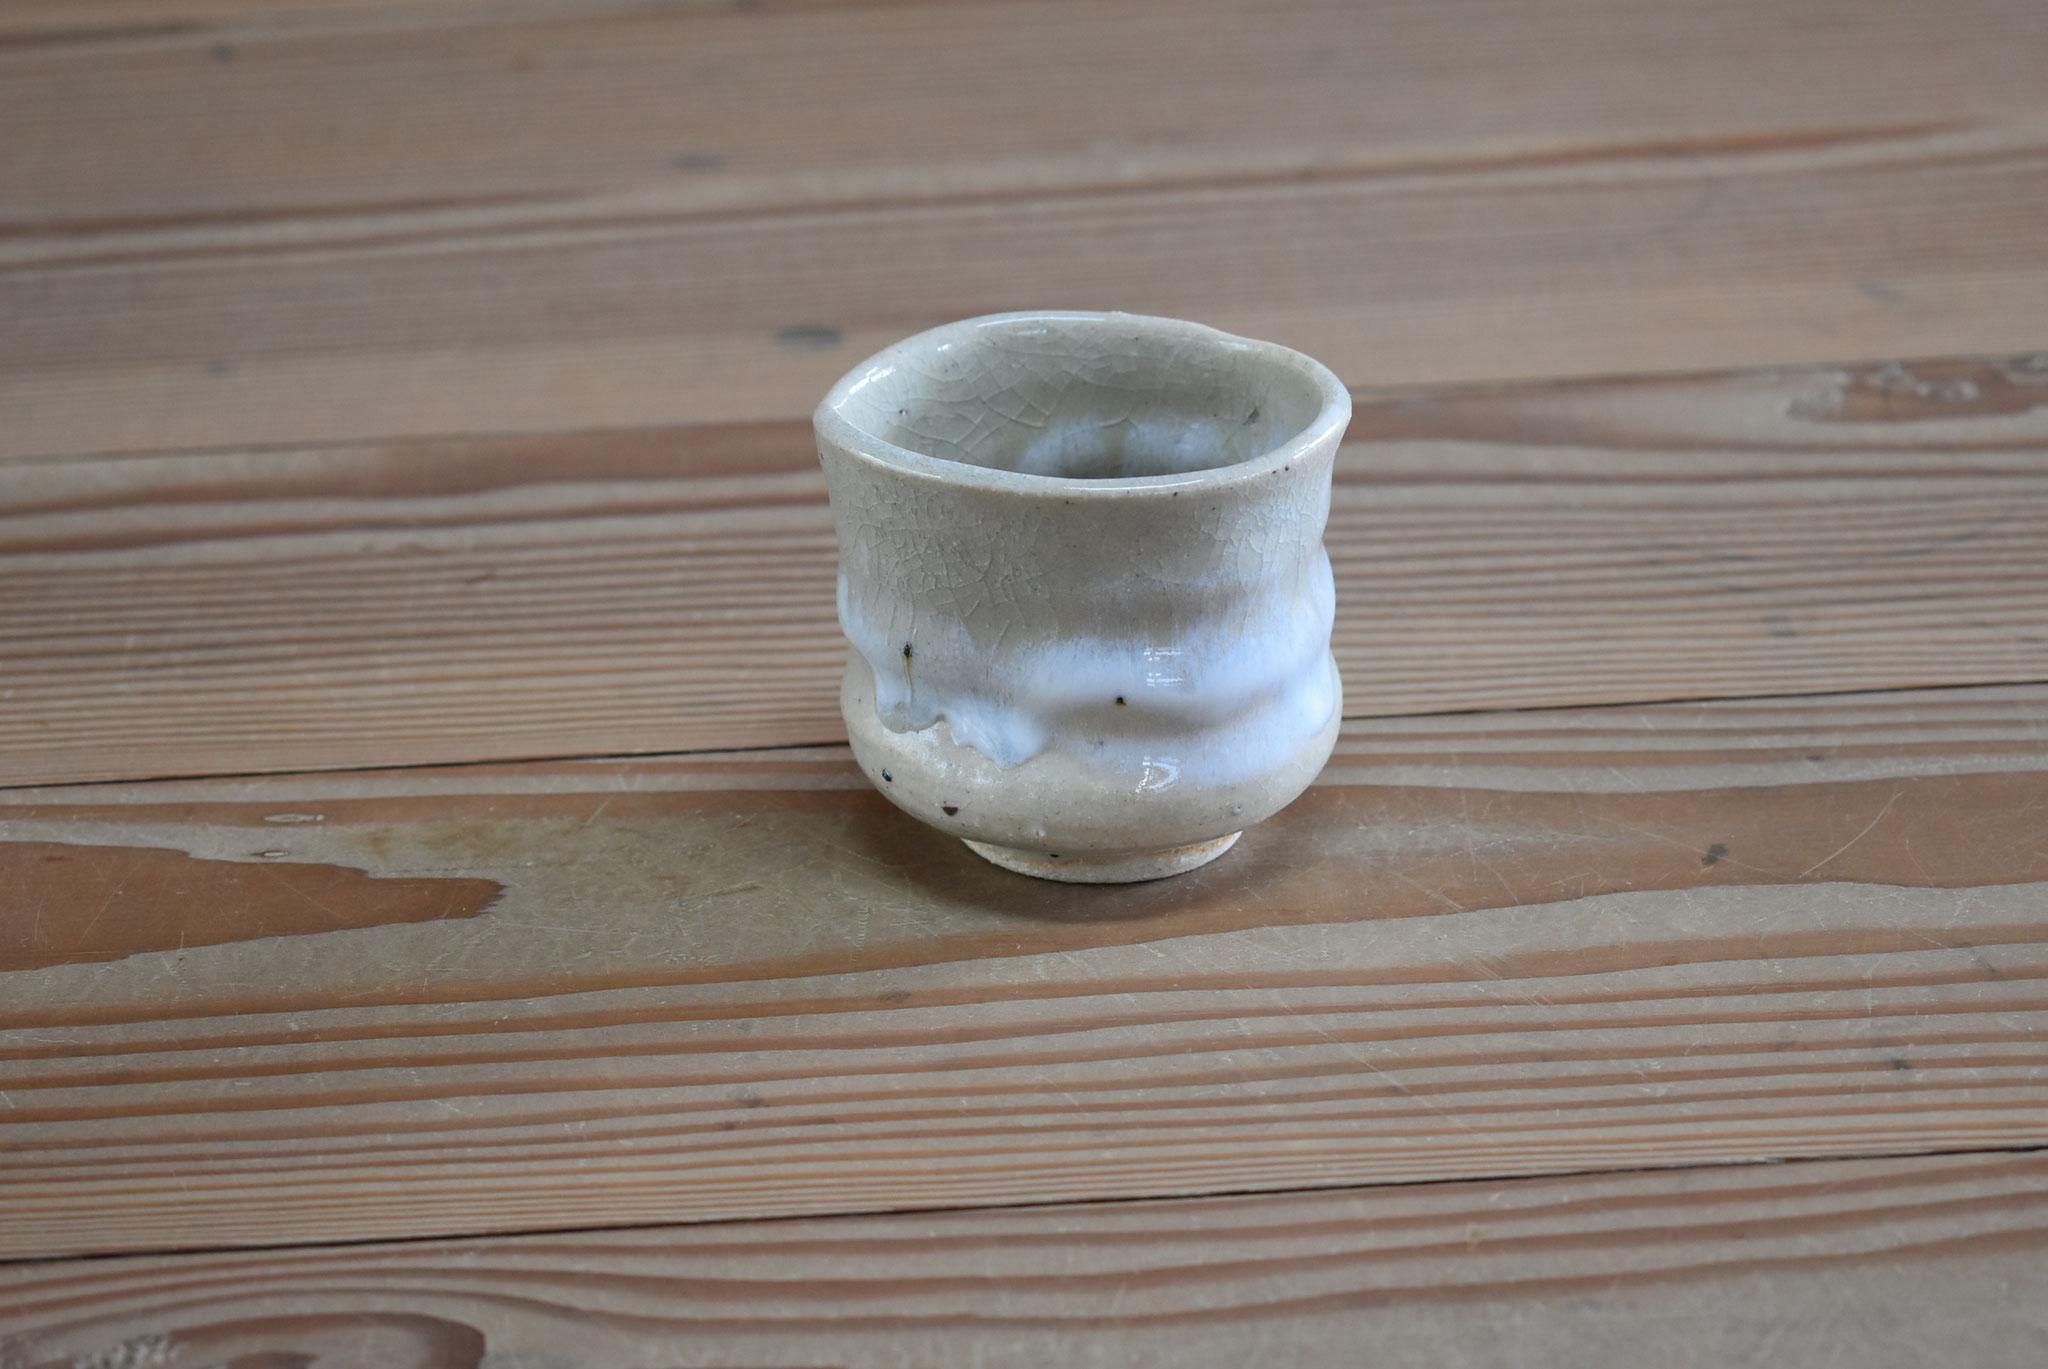 湯呑:白土におふけ釉、口元に白マット釉